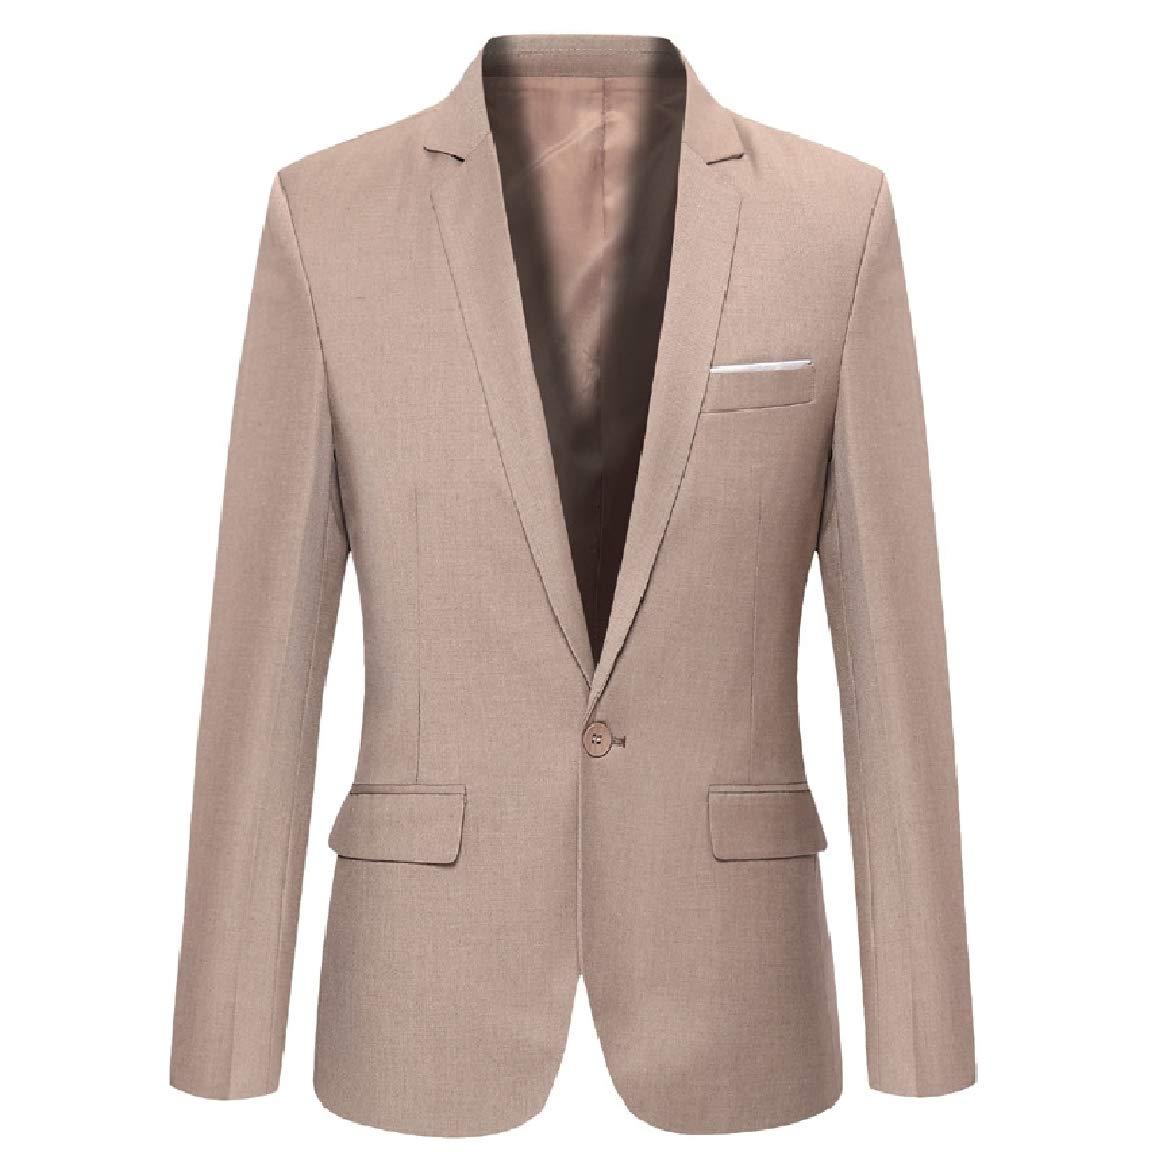 Sayah Mens Big Pockets Plus Size Buttoned Notch Lapel Suit Blazer